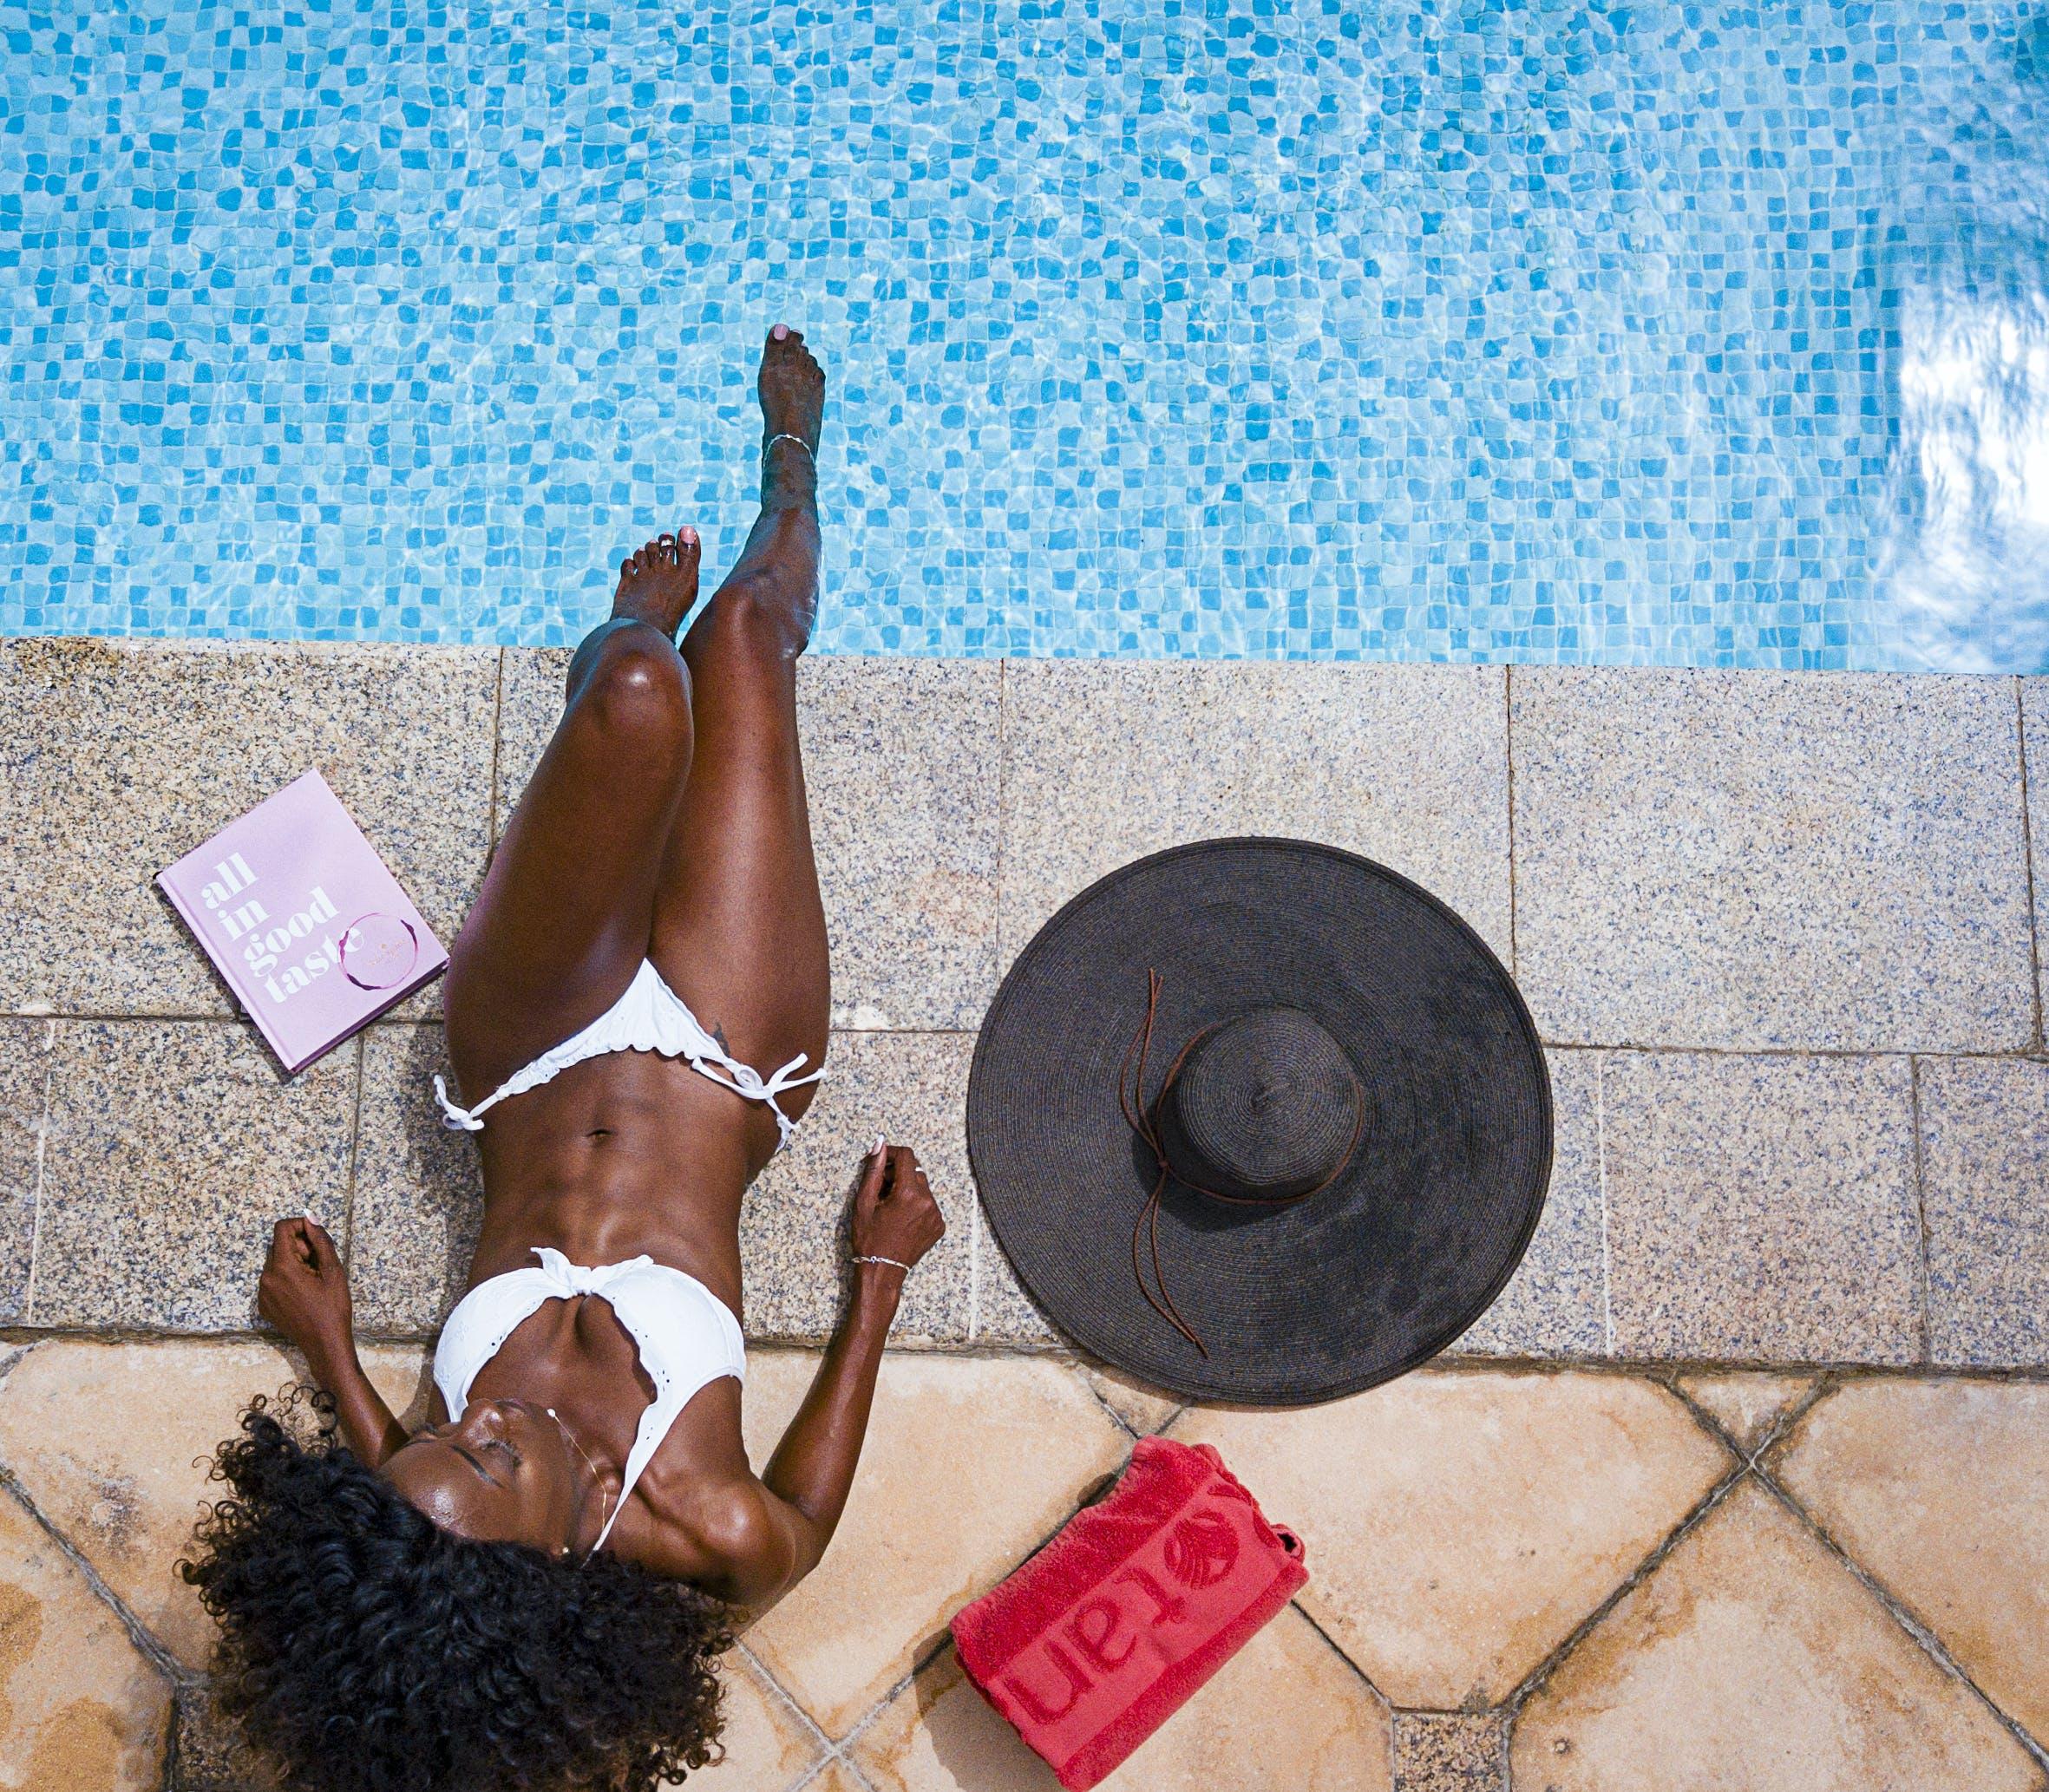 Woman Wearing Bikini Near Pool